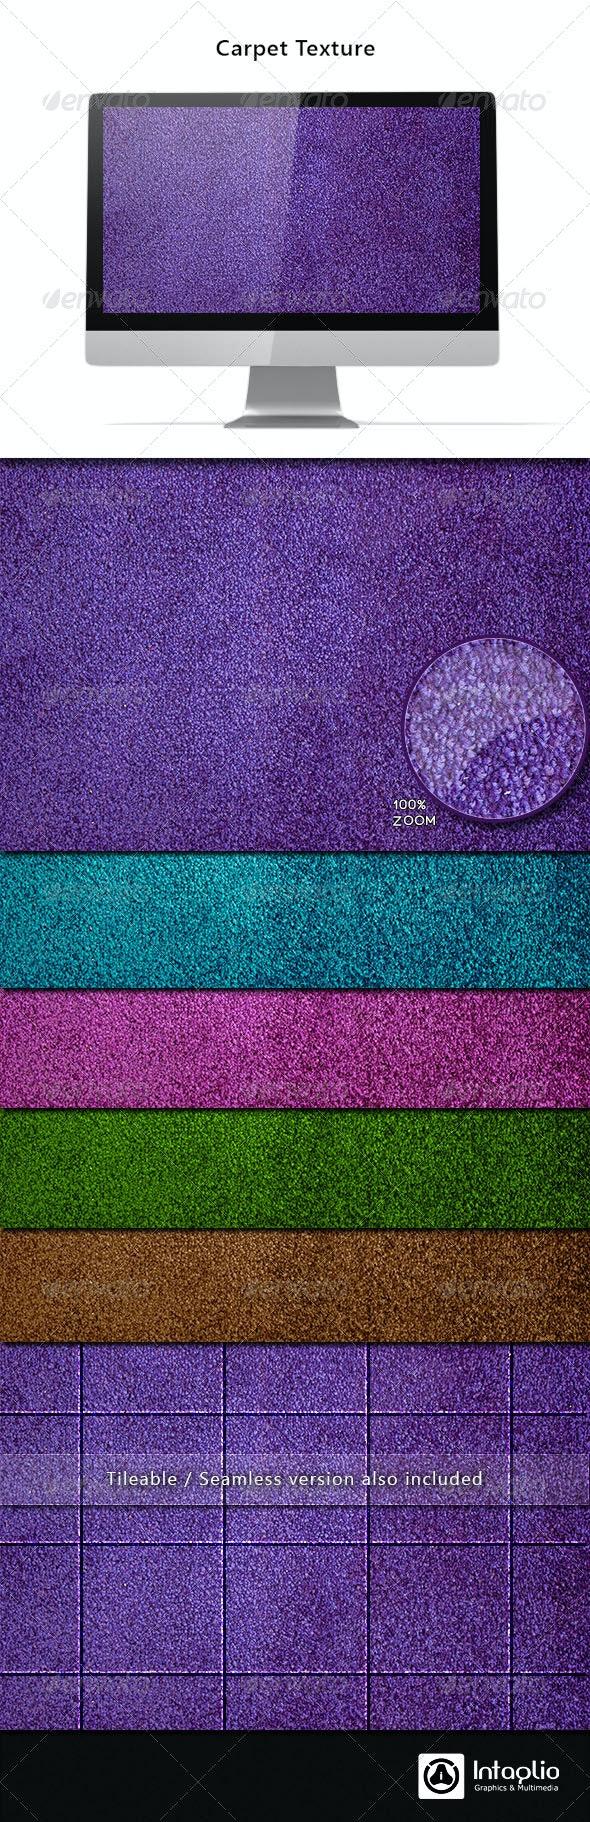 Carpet Texture - 01 - Fabric Textures